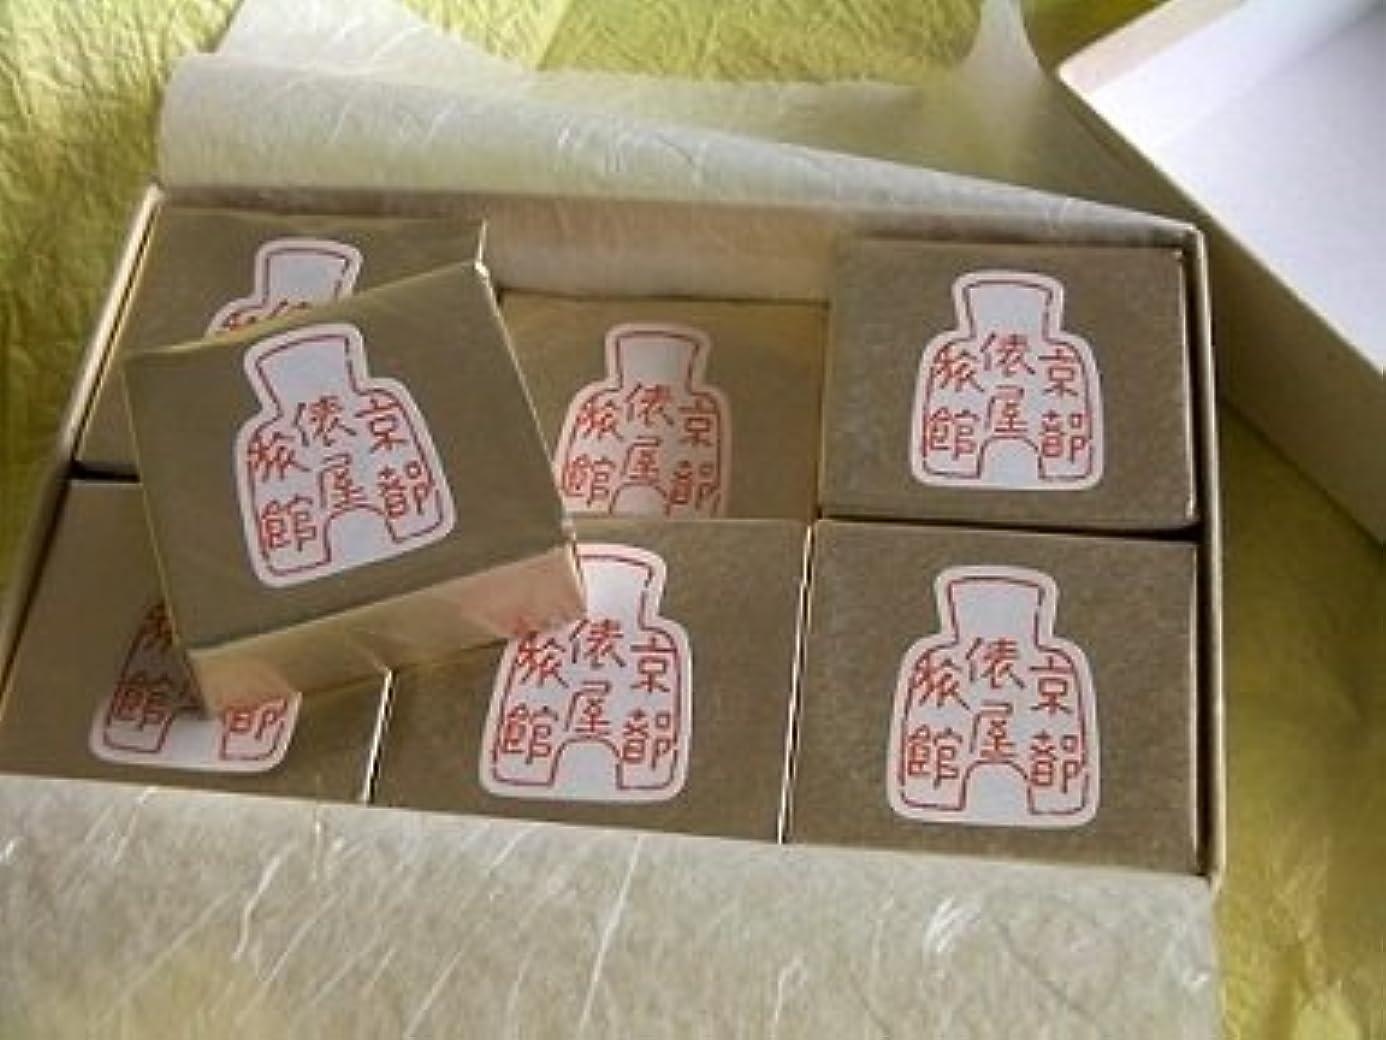 受け皿ピニオンフォアマン俵屋旅館 俵屋の石鹸 12個入り 【ギフト包装&紙袋付き】 製造元:松山油脂 通販